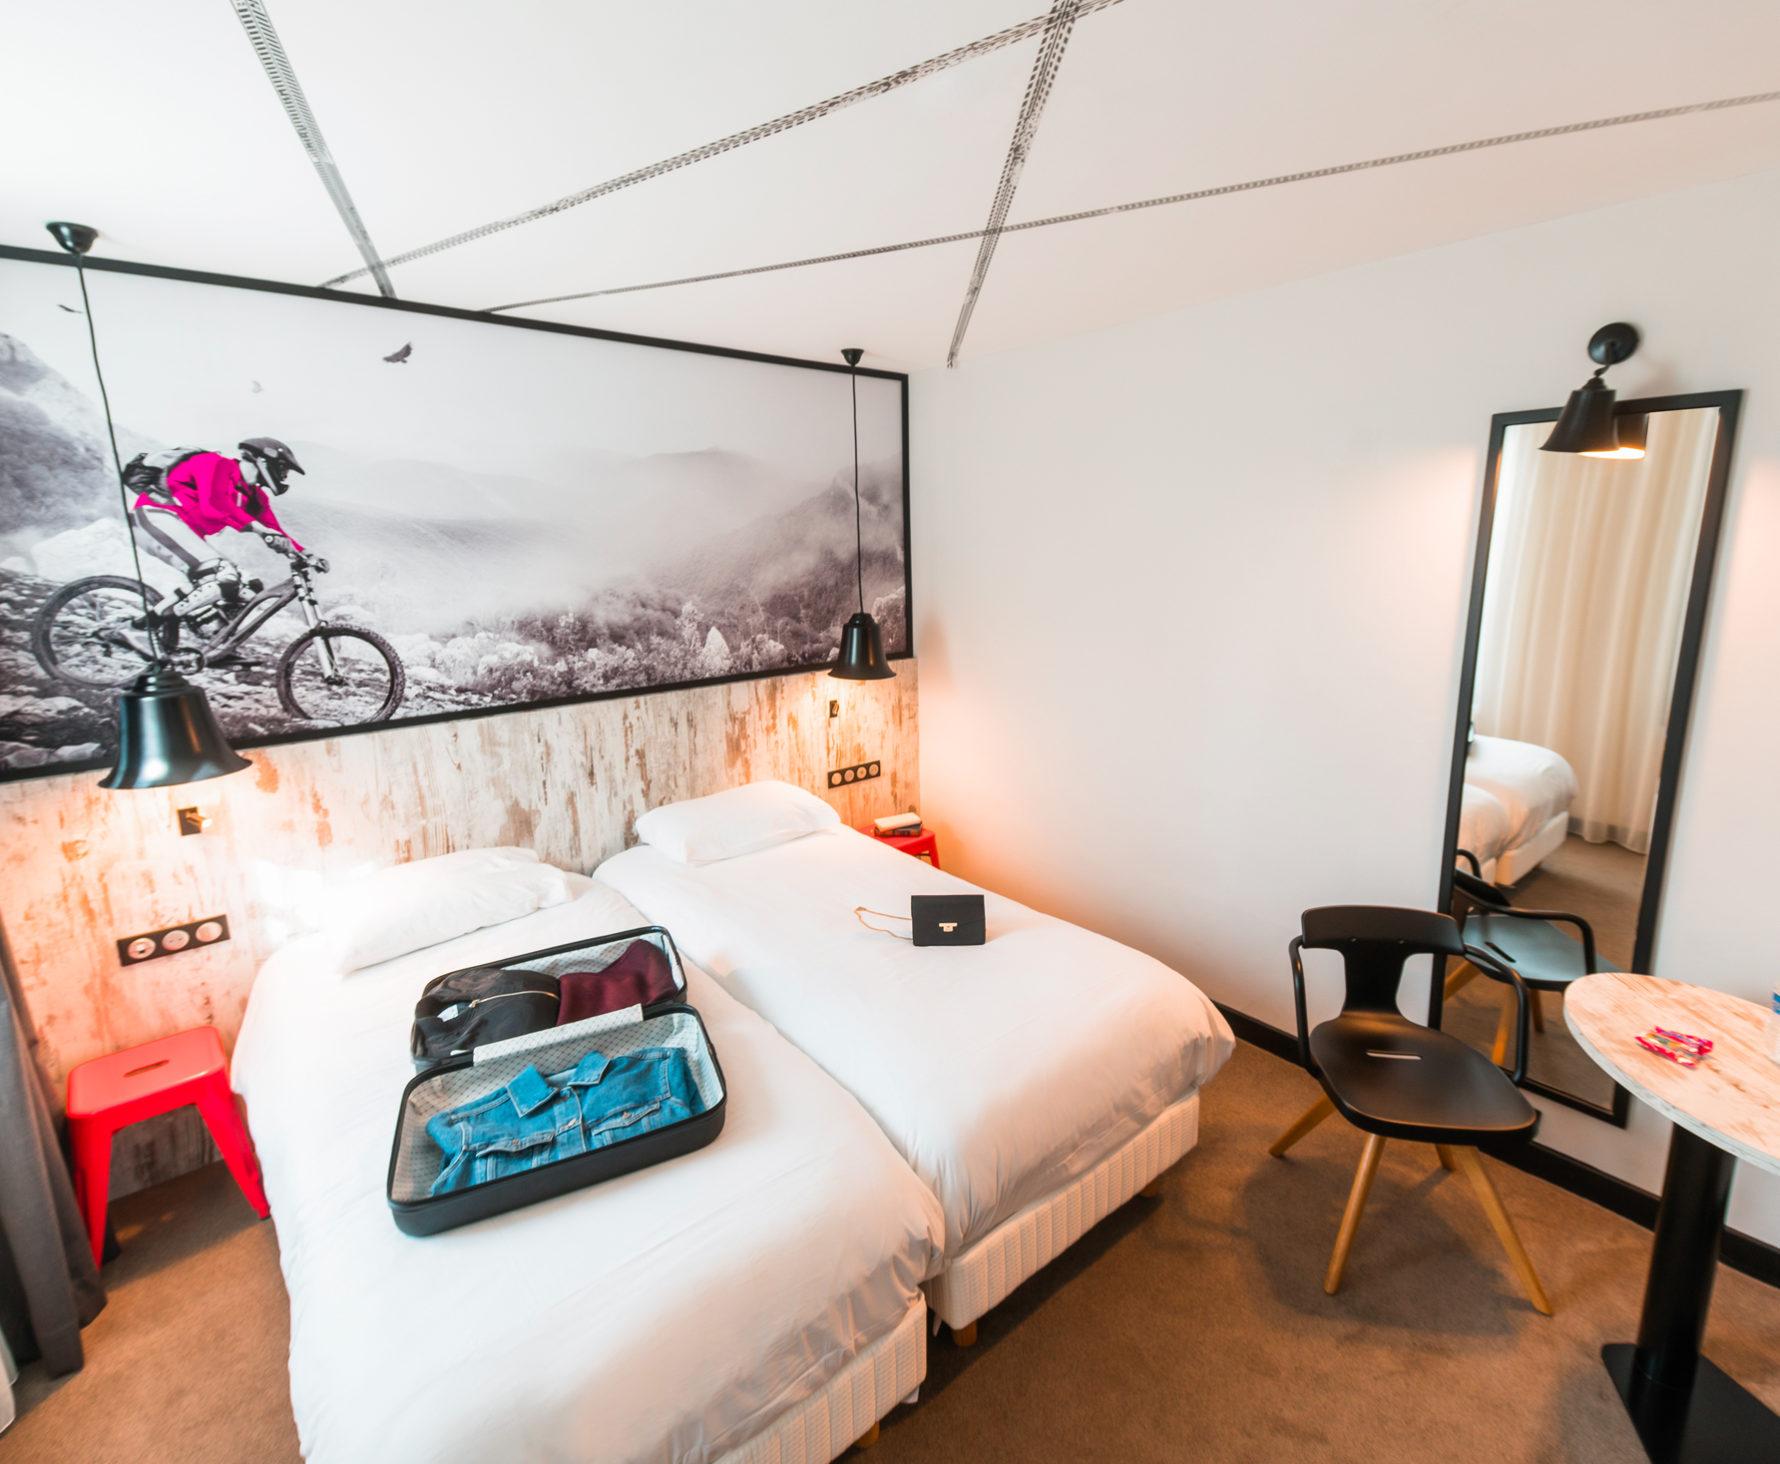 Agencement, mobilier et tête de lit vélo dans les chambres